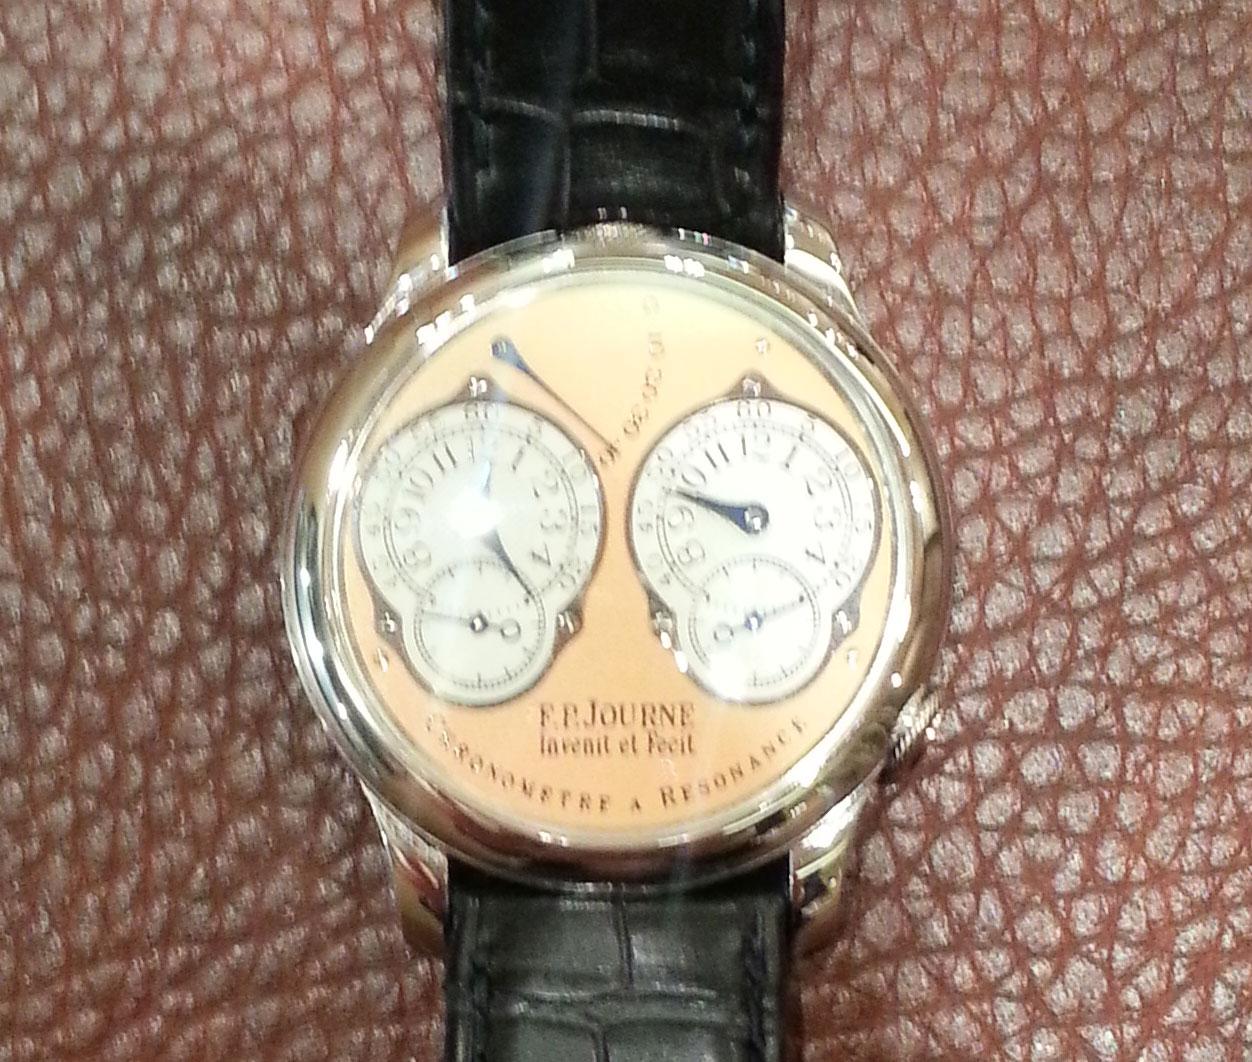 FP journe montre Chronomètre à Résonance Dual Time cresus